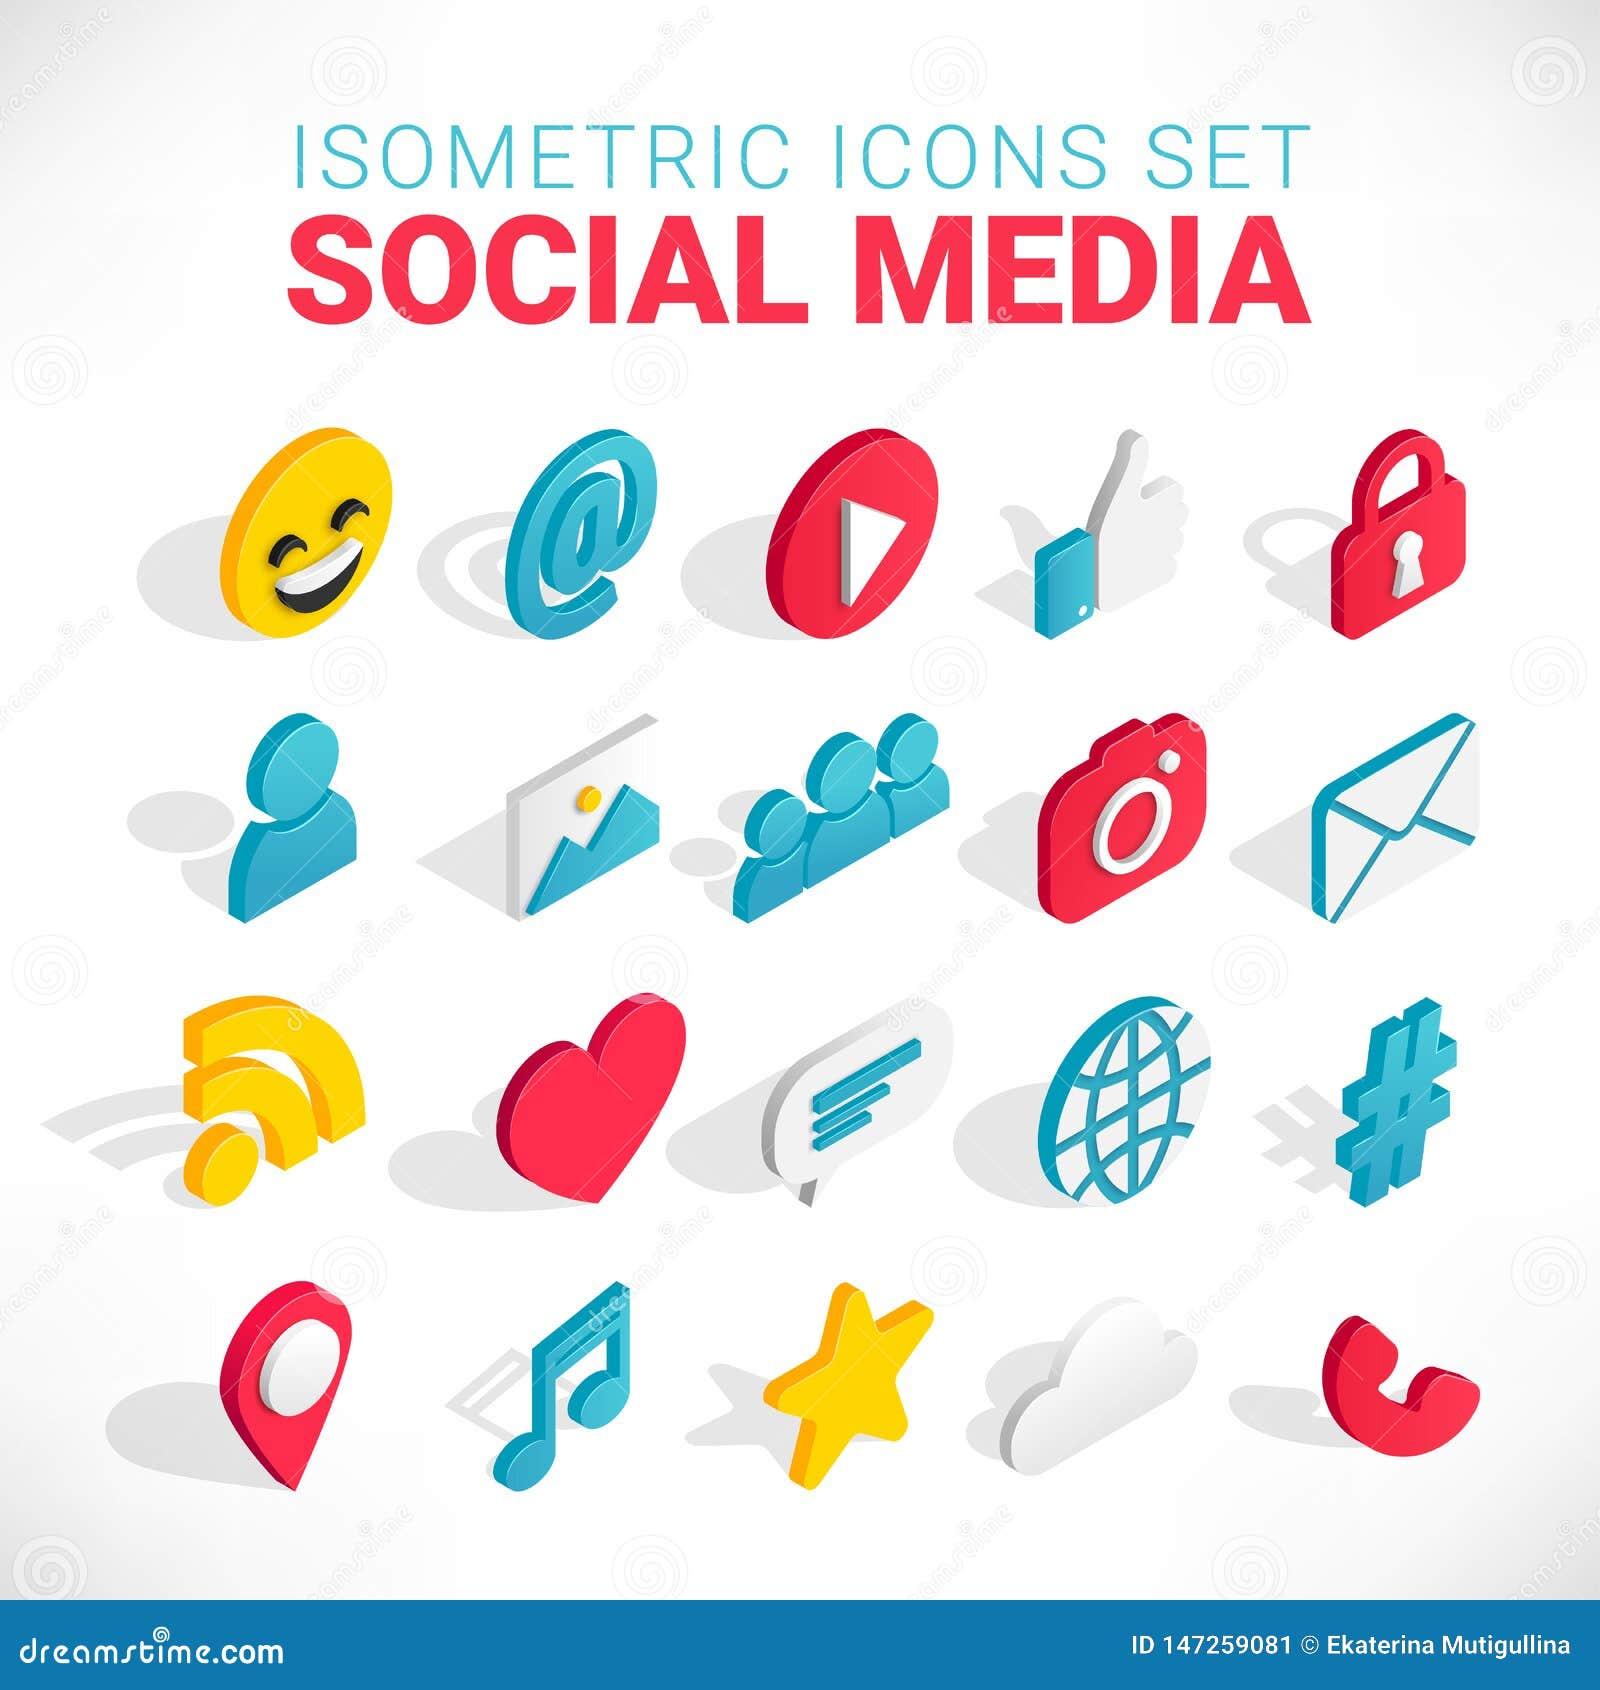 Isometrischer Social Media-Ikonensatz